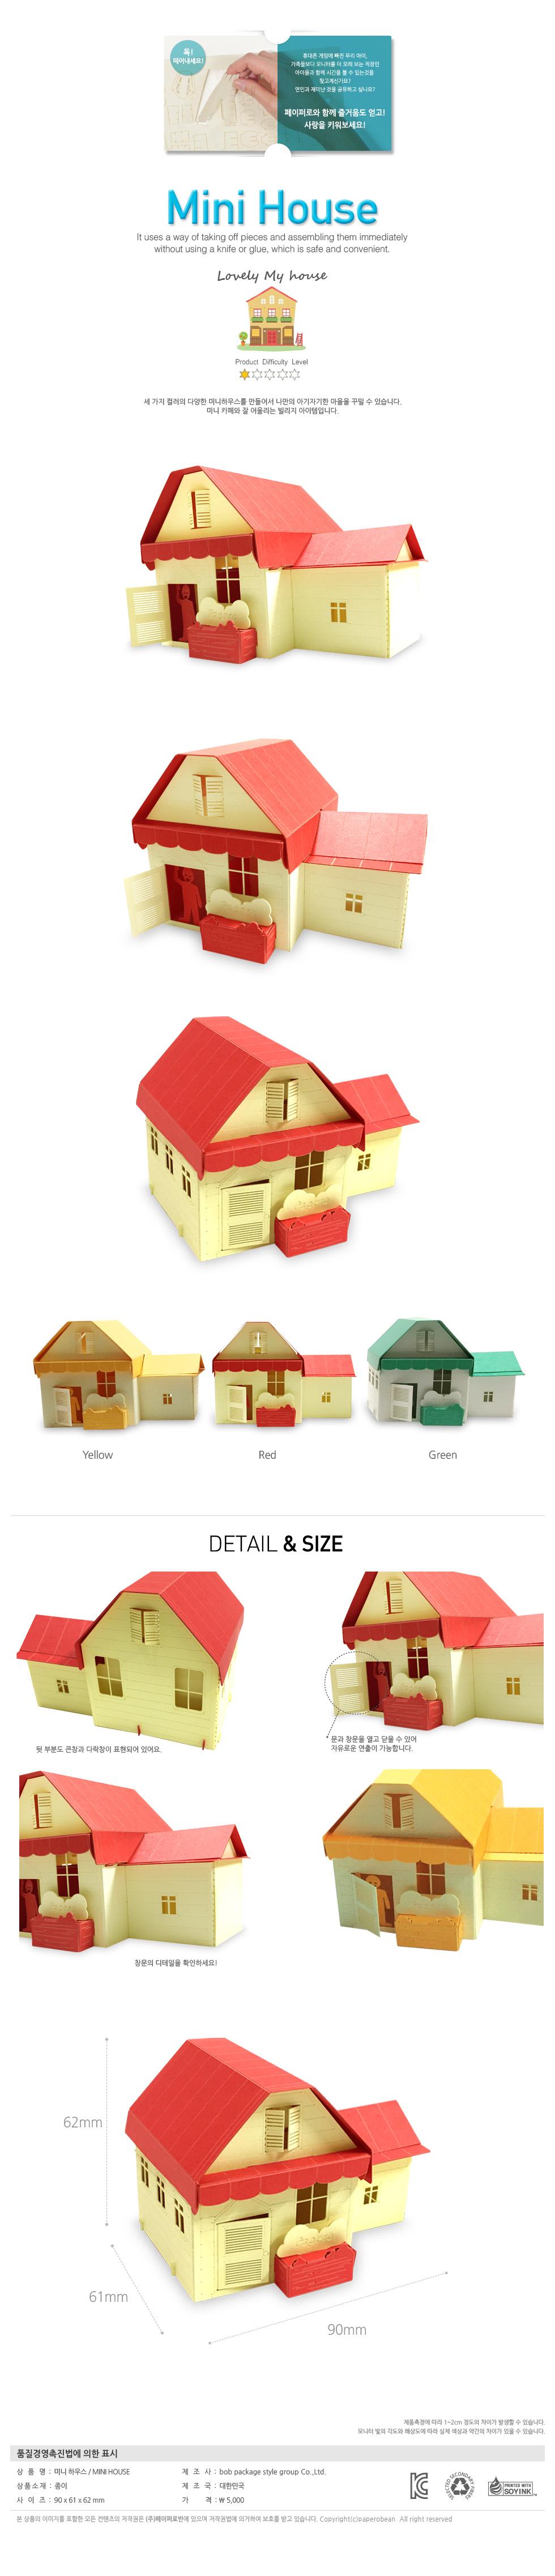 미니 하우스 - 페이퍼로, 5,000원, 페이퍼 토이, 건축물